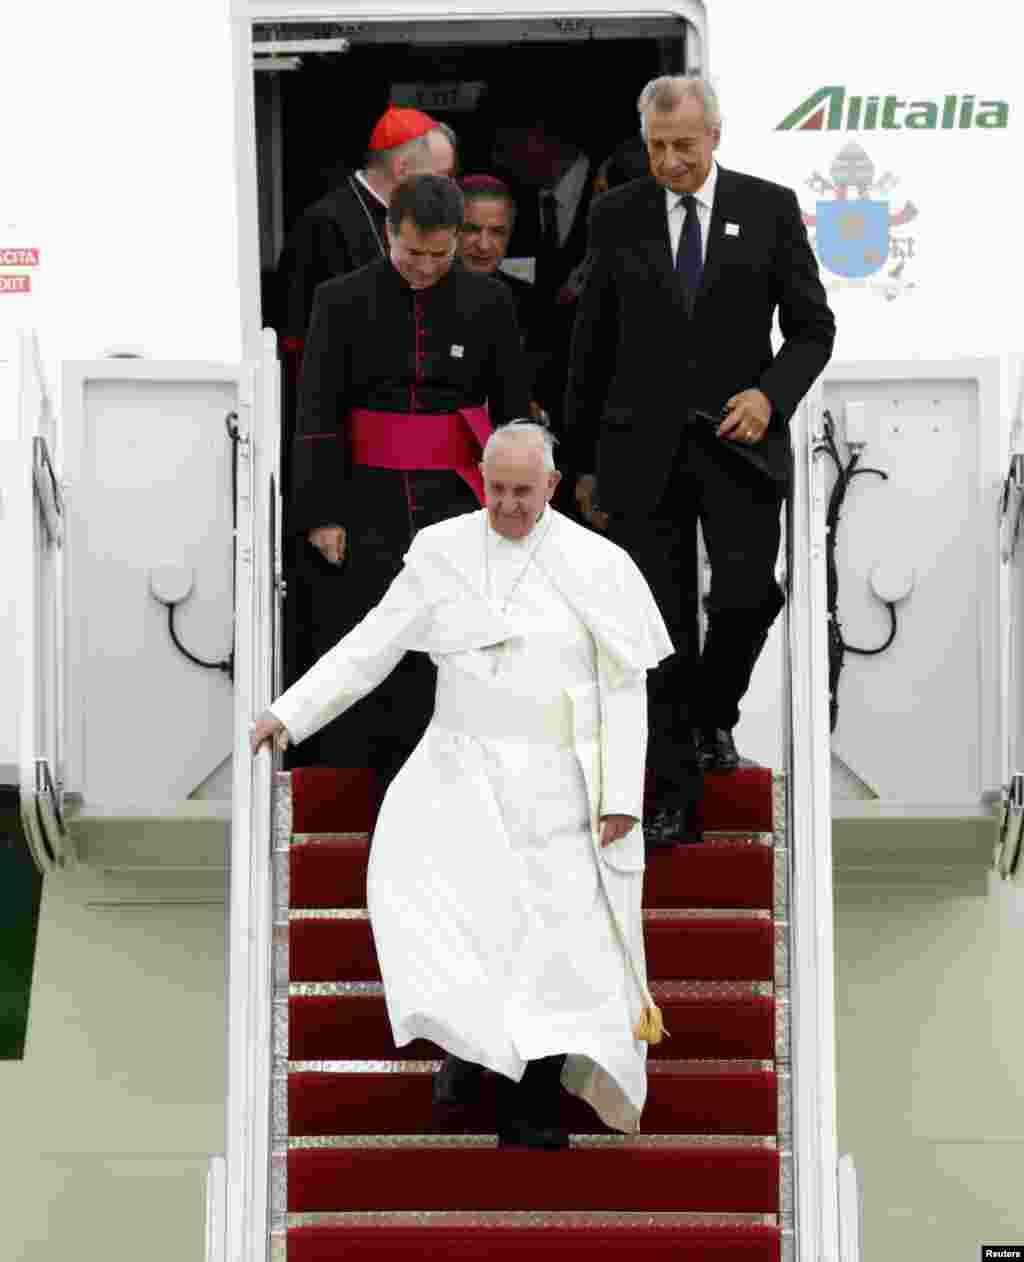 Đức Giáo Hoàng bước xuống máy bay tại Căn cứ Không quân Andrews bên ngoài thủ đô Washington, ngày 22/9/2015.